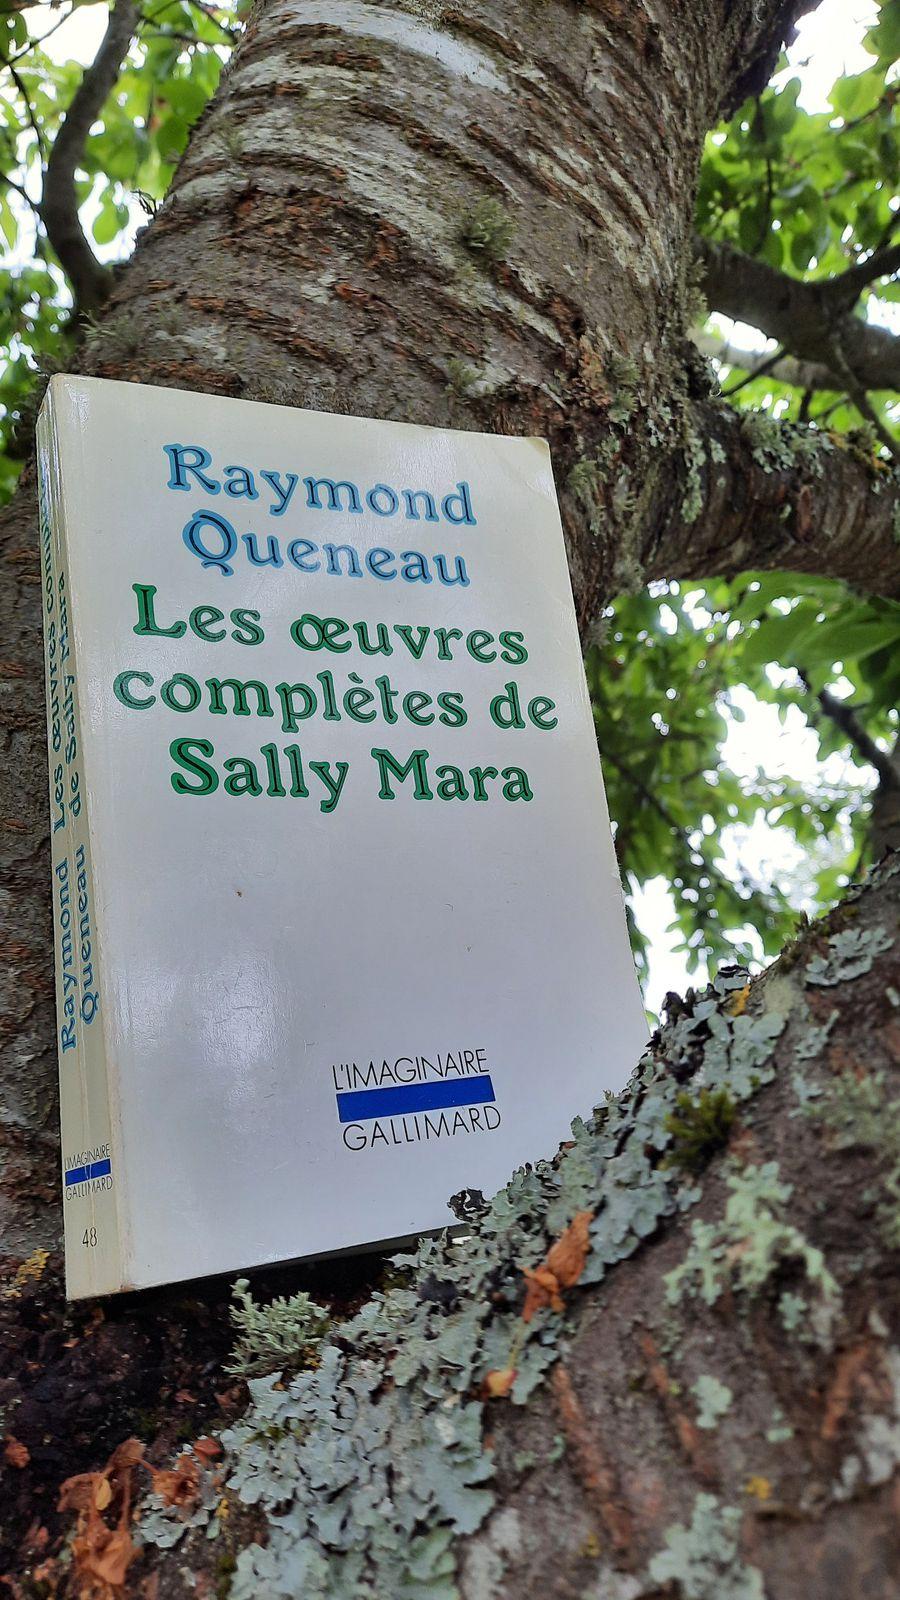 Les œuvres complètes de Sally Mara, réunies par Raymond Queneau le potache